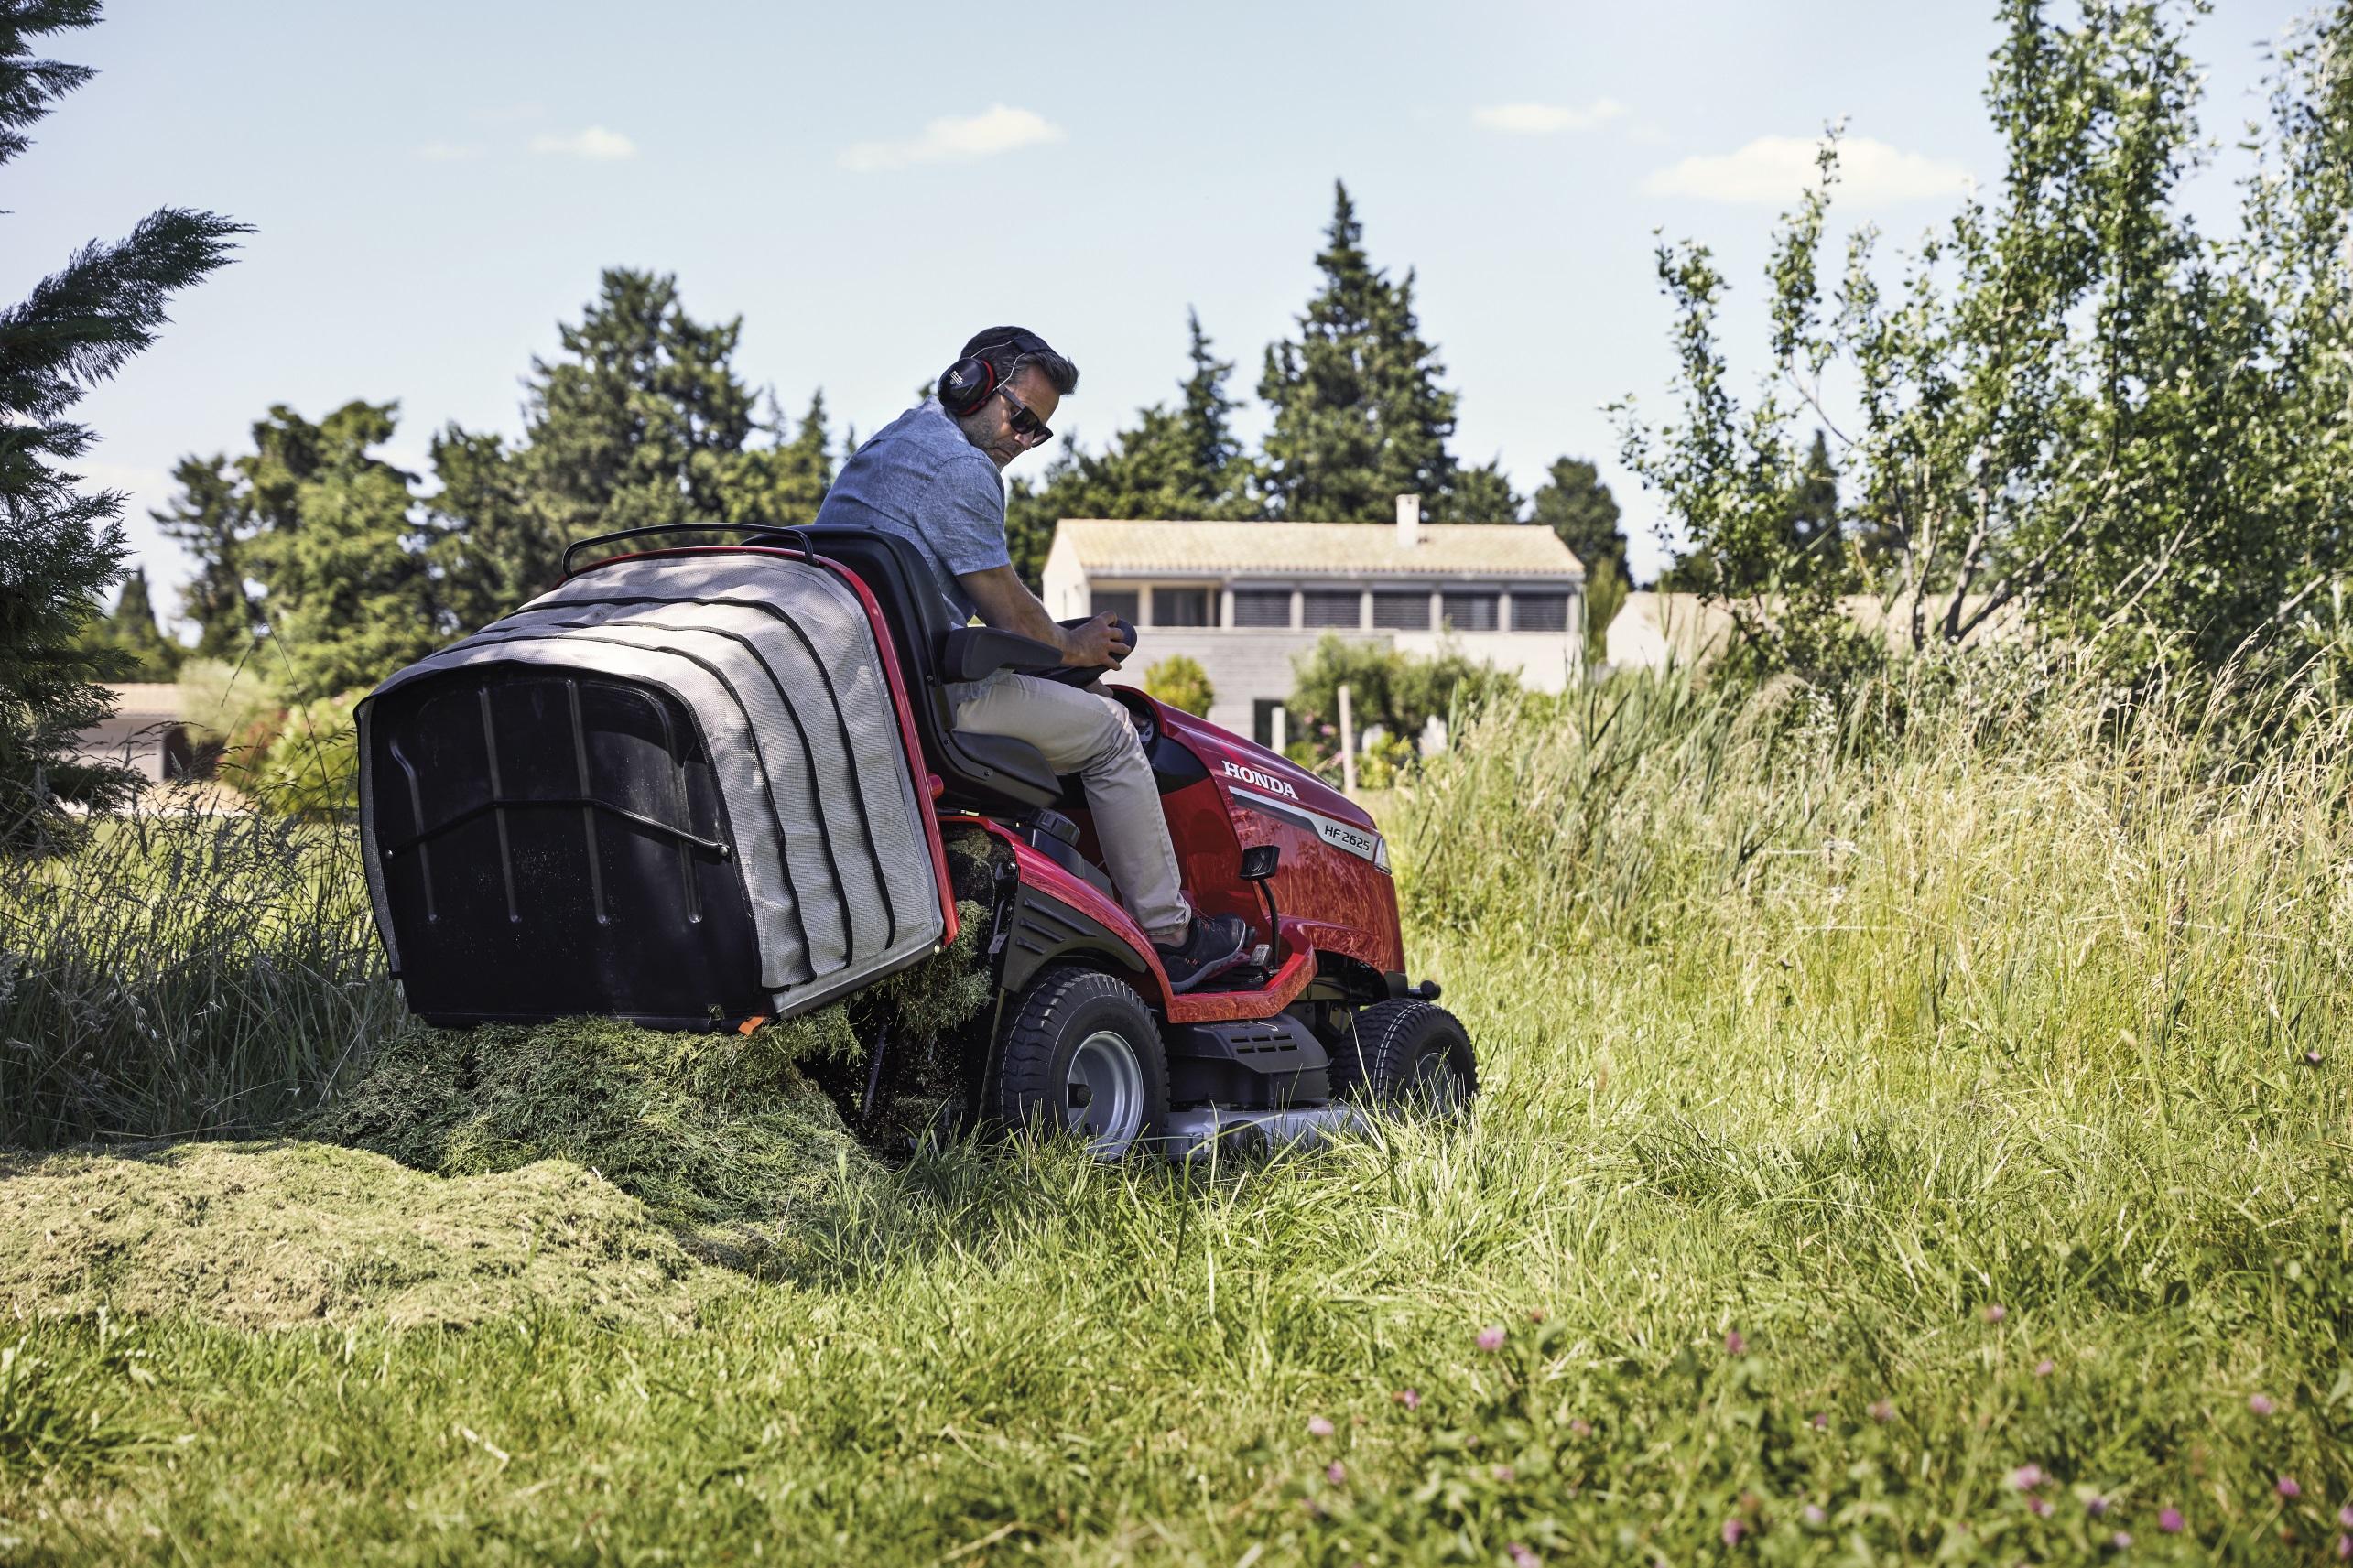 hf-ride-on-mower-model-dumping-grass-resize-jpg.jpg